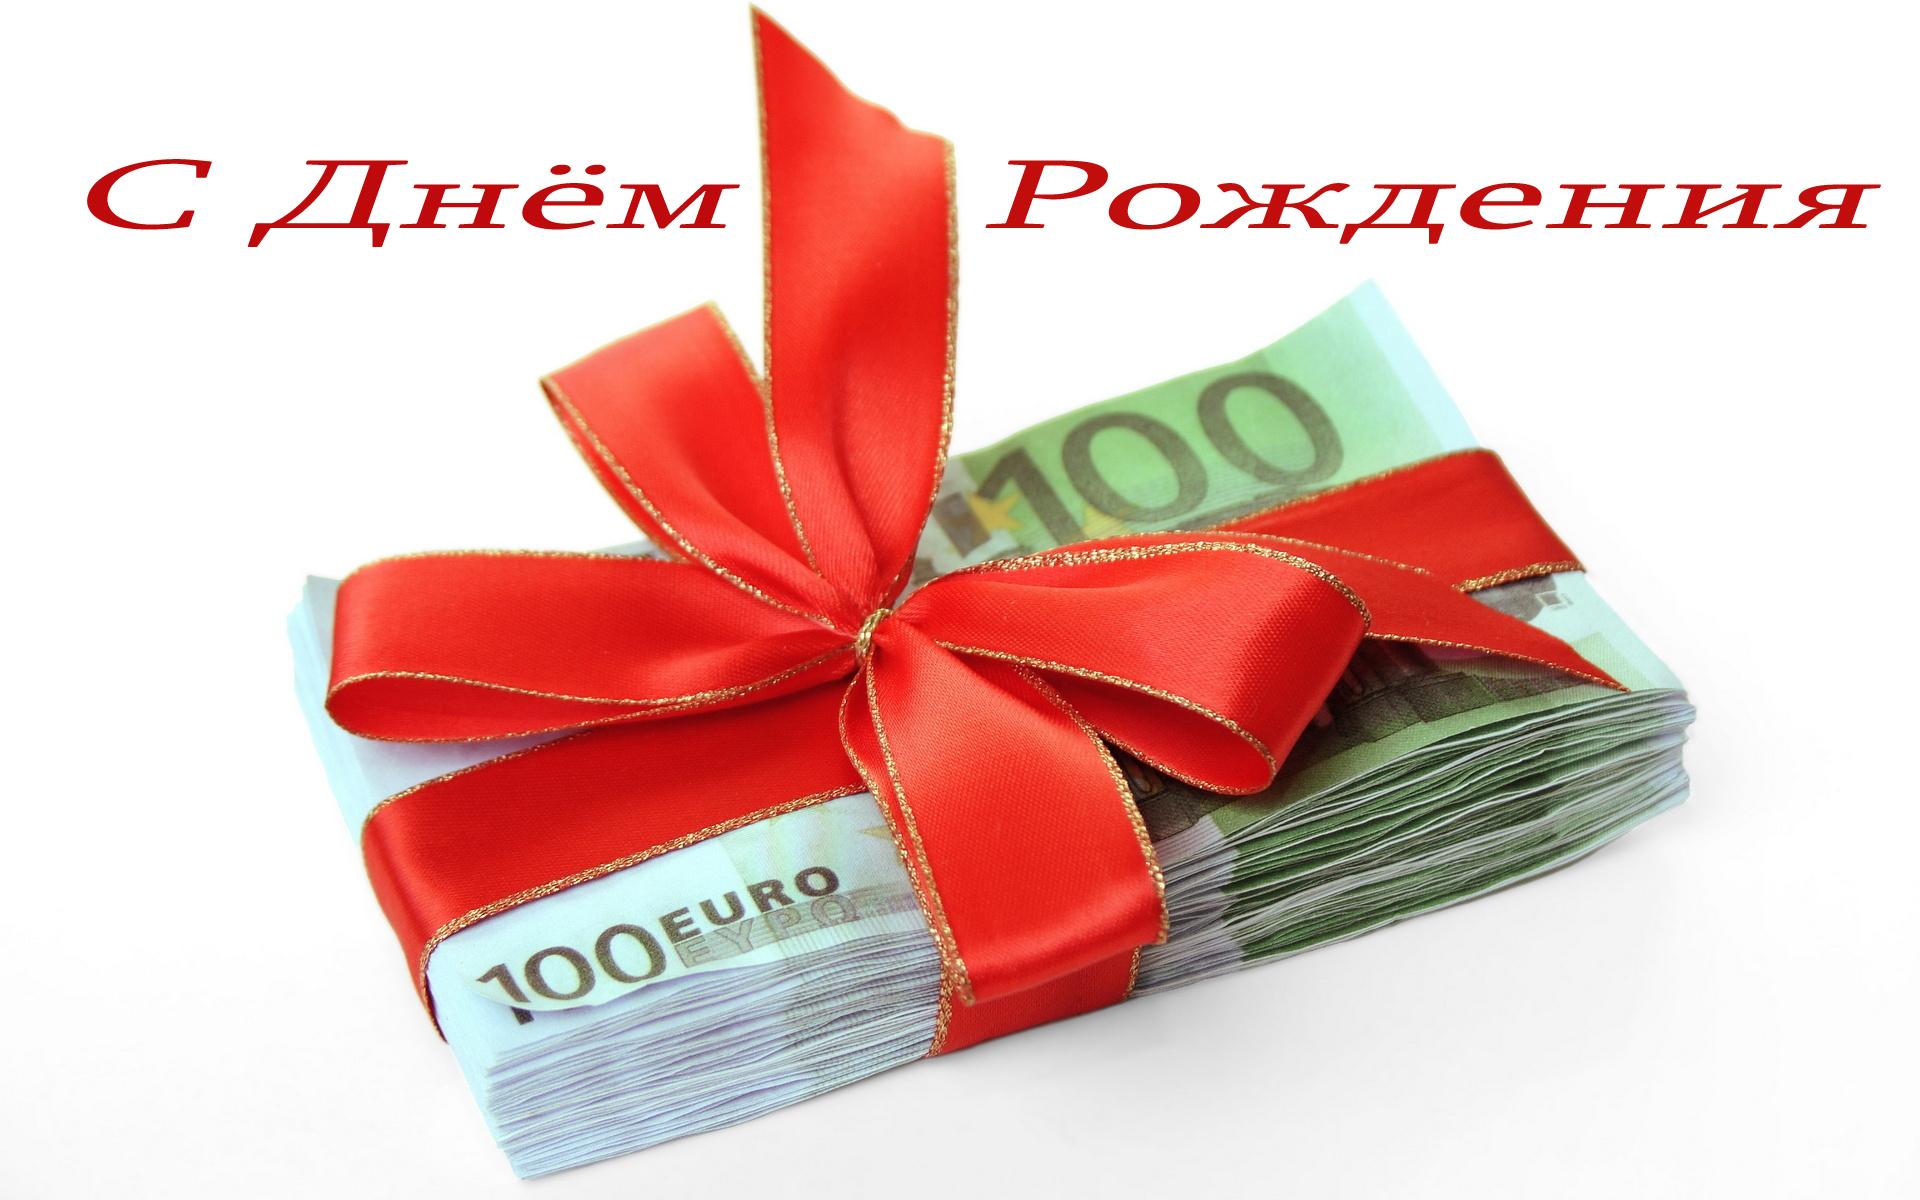 http://s0.tochka.net/cards/images/orig_b3f32e14e53cbc5fe854962a54a7a3e1.jpg